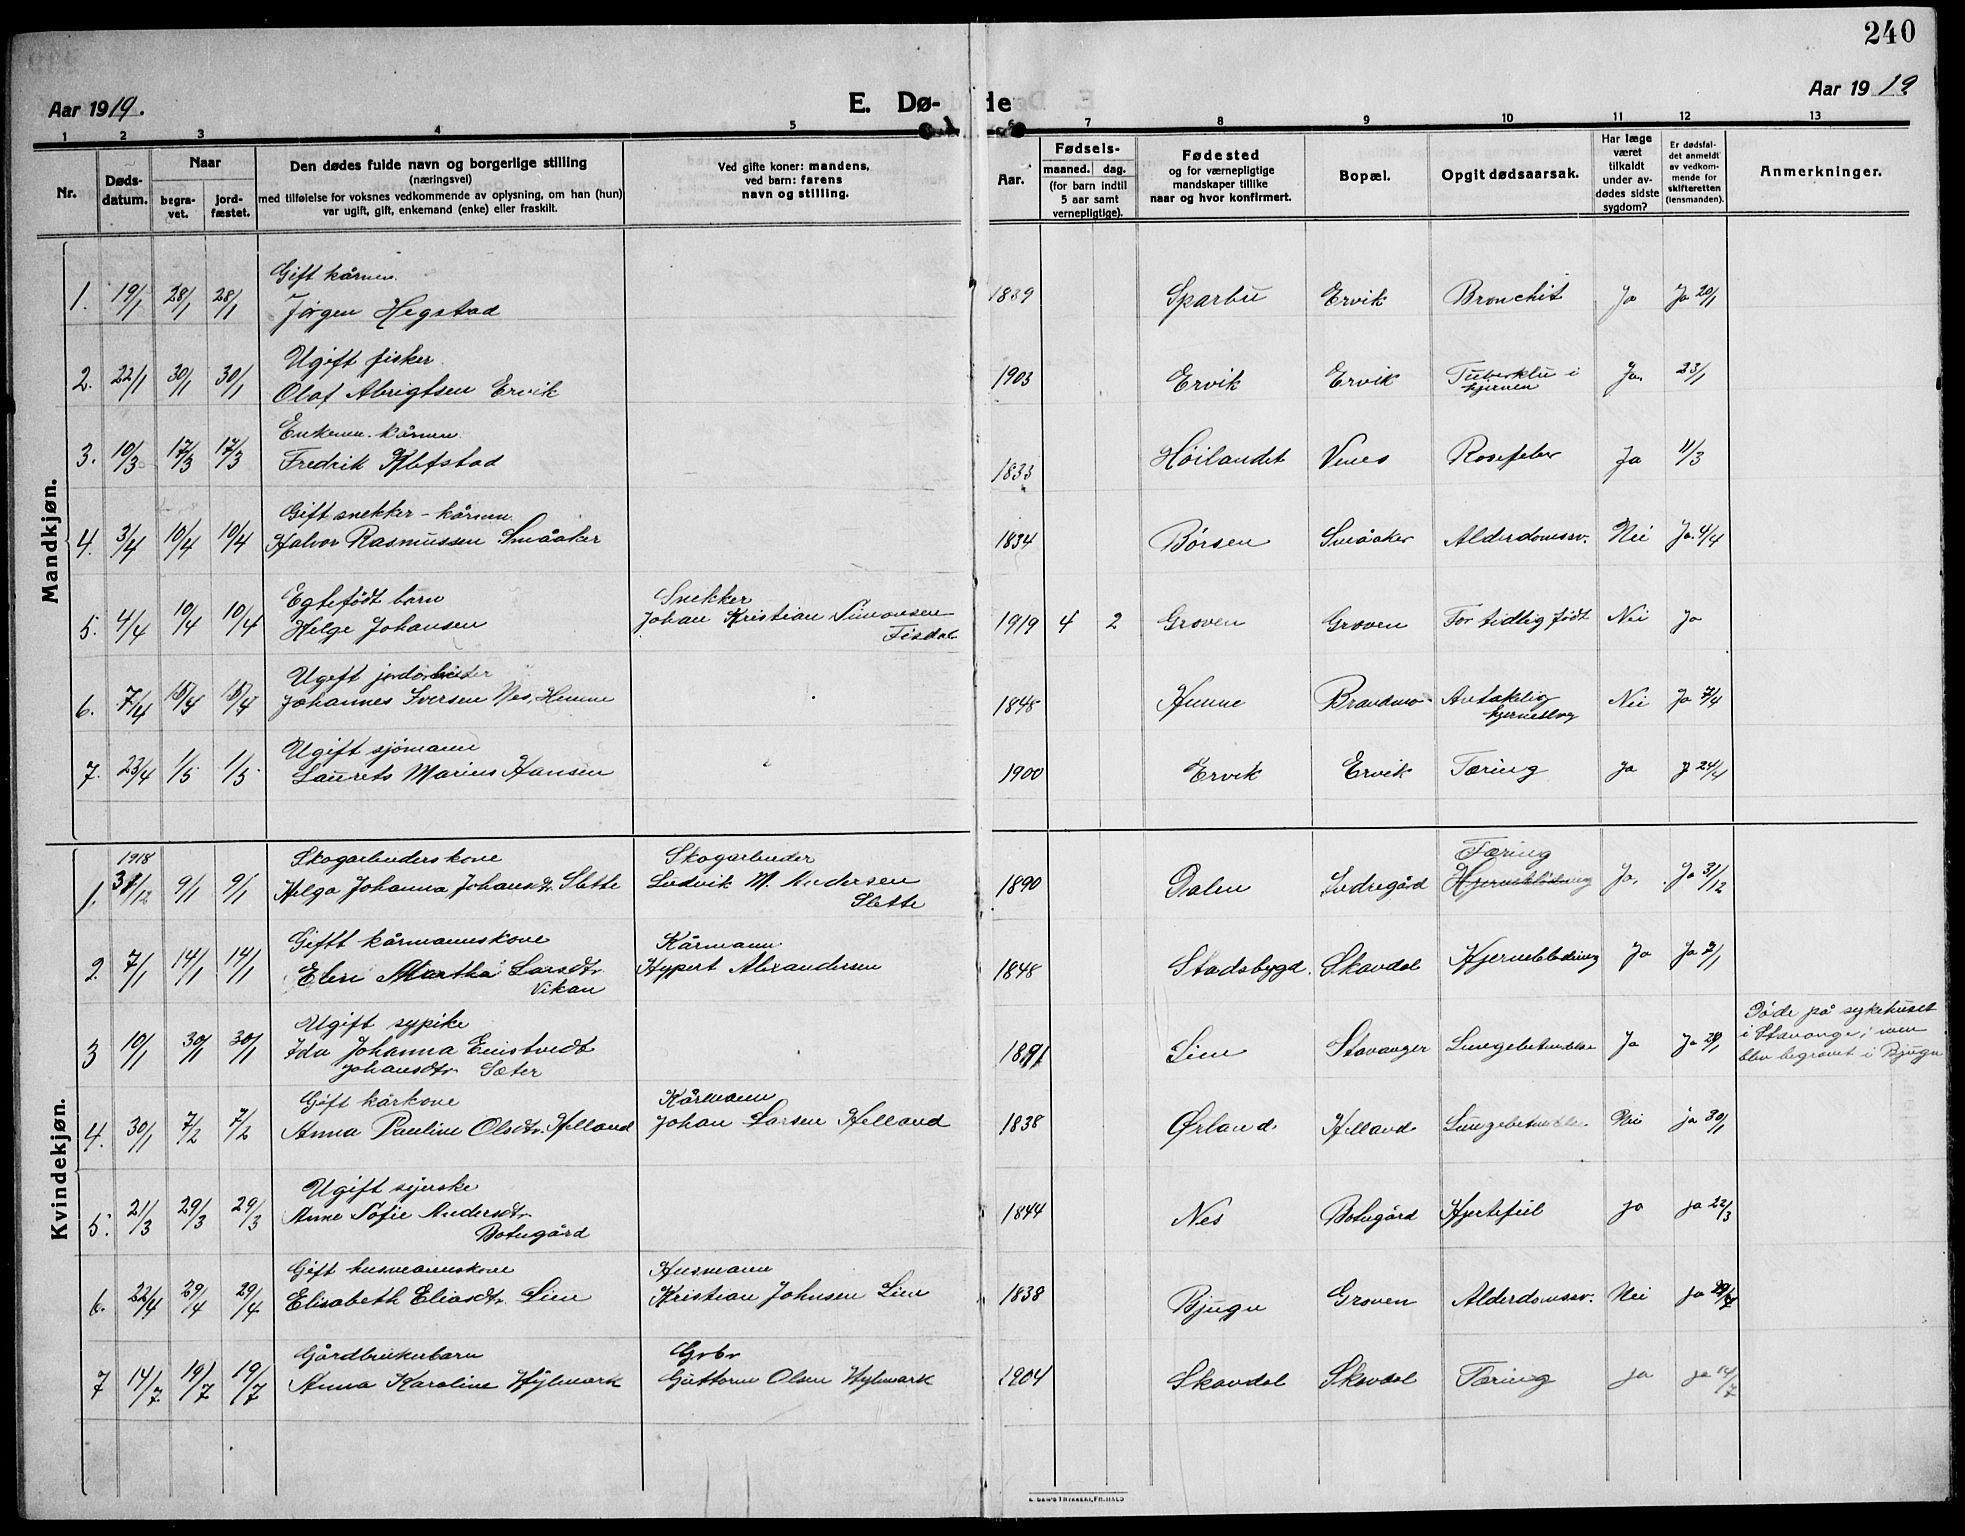 SAT, Ministerialprotokoller, klokkerbøker og fødselsregistre - Sør-Trøndelag, 651/L0648: Klokkerbok nr. 651C02, 1915-1945, s. 240